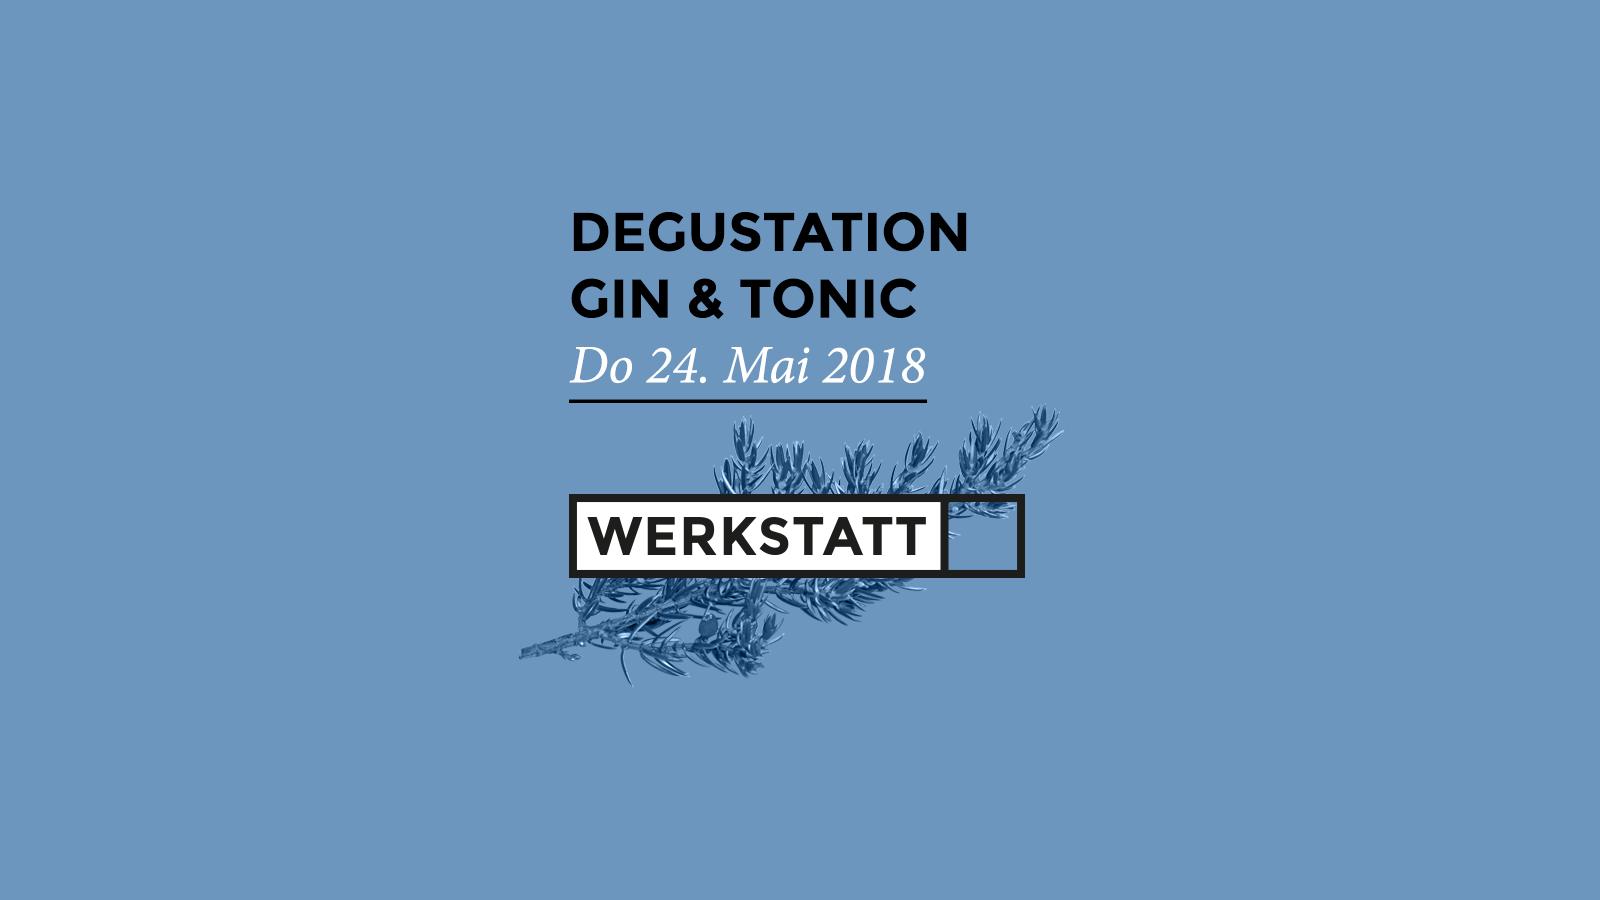 GinDegu2018_Veranstaltungsbild_Website-1